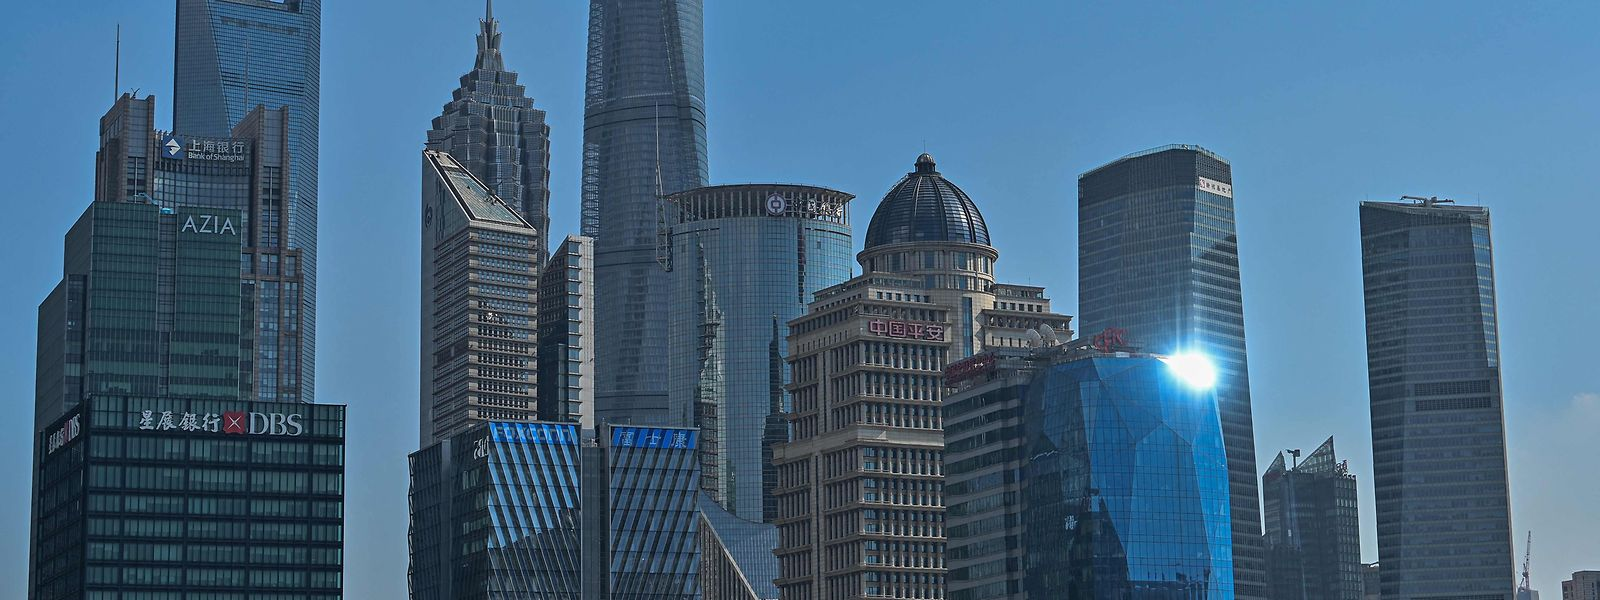 Das Finanzzentrum Lujiazui in Shanghai.